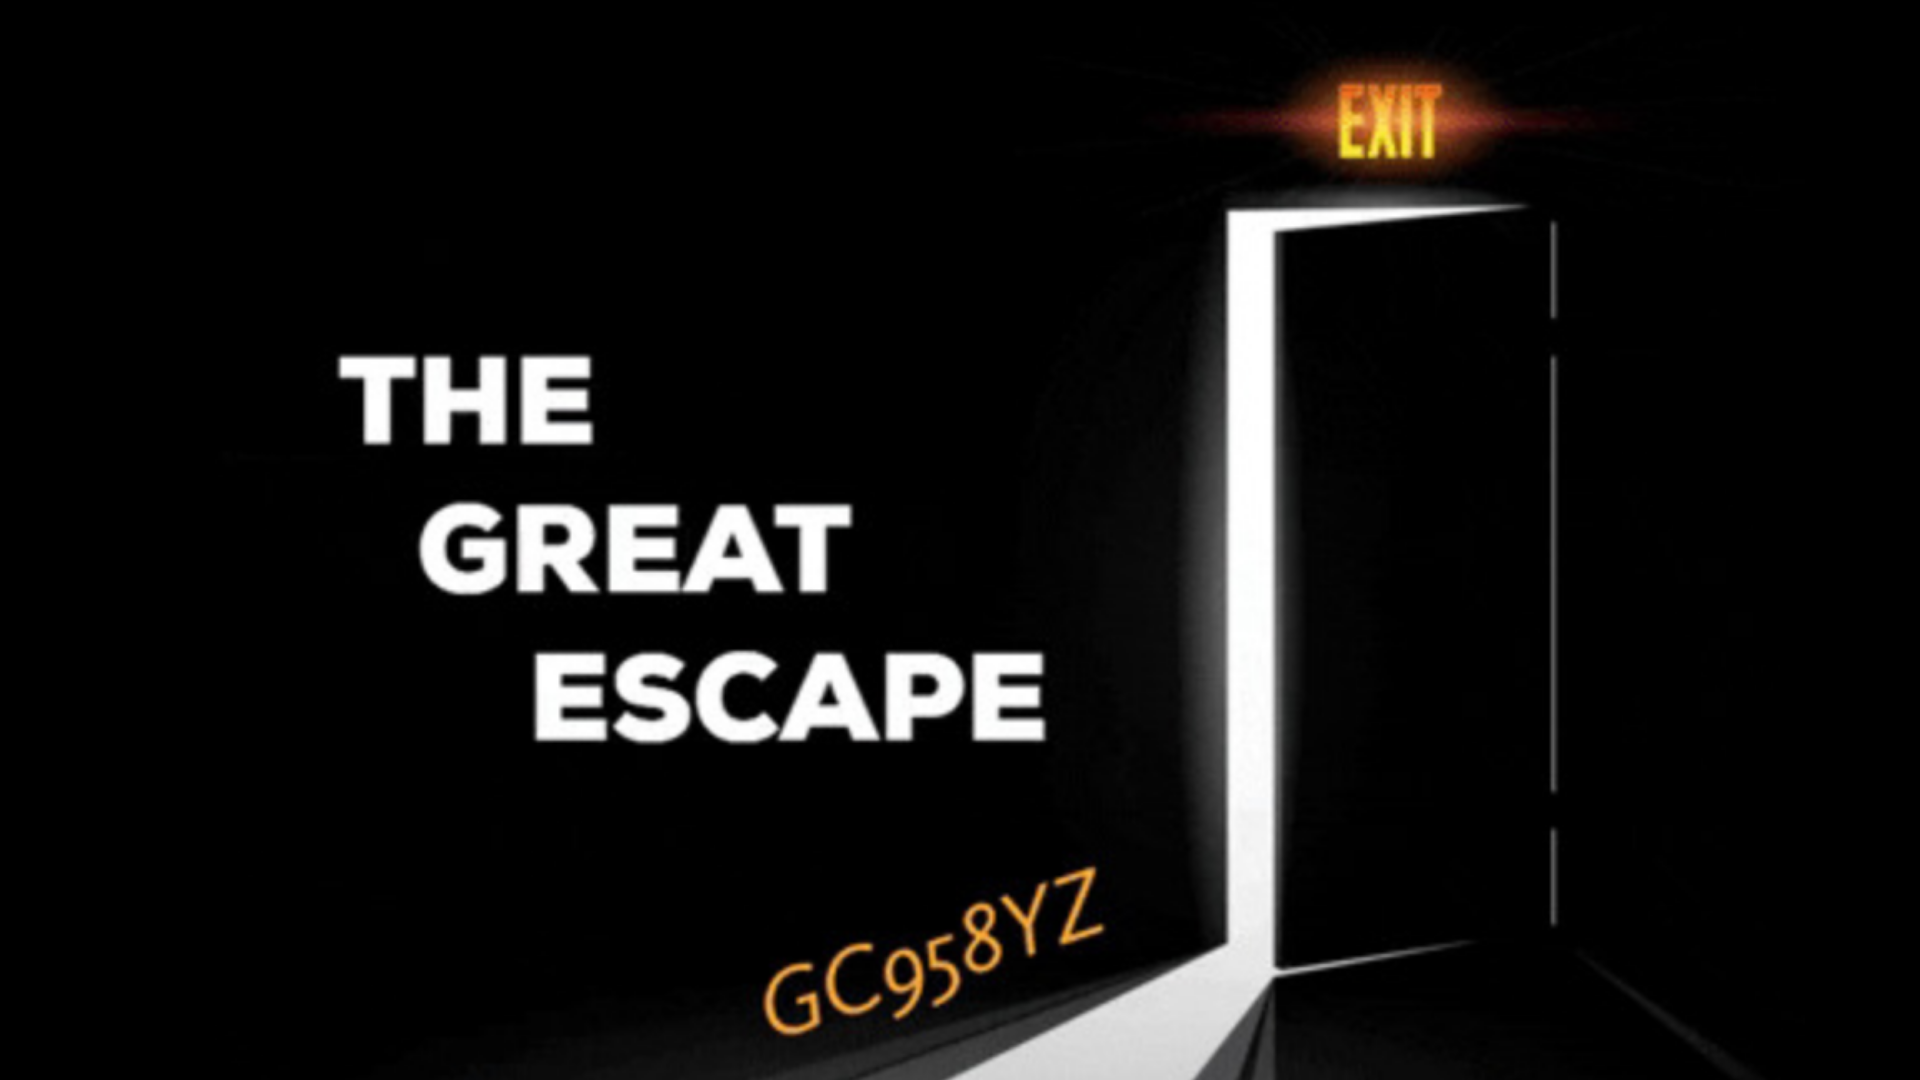 The Great Escape multi-cache